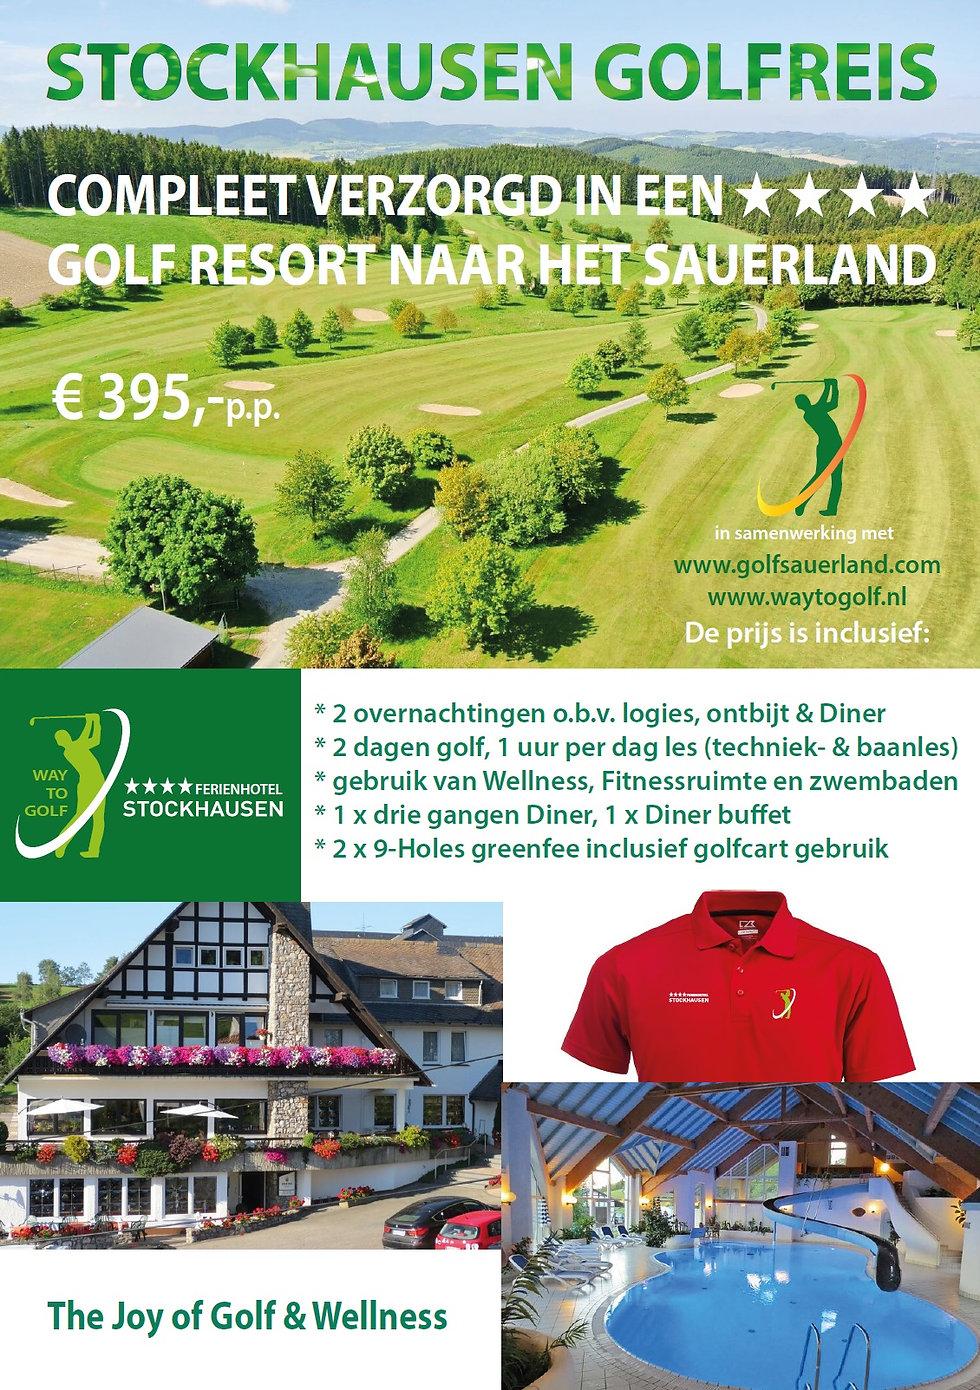 Stockhausen golfreis.jpg